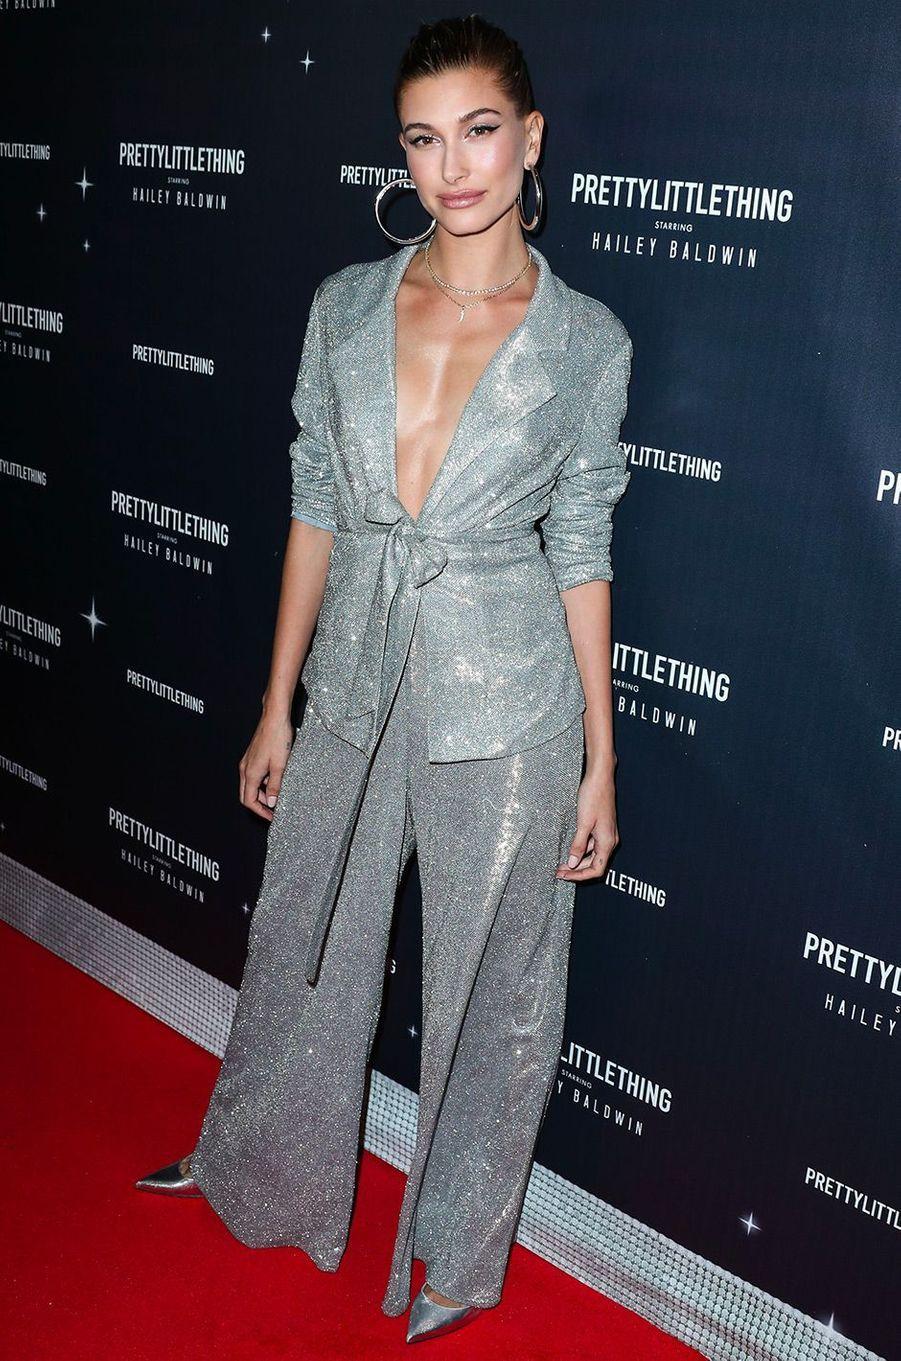 Hailey Baldwin à la soirée de lancement de sa collaboration avec PrettyLittleThing, mardi 6 novembre, à Los Angeles